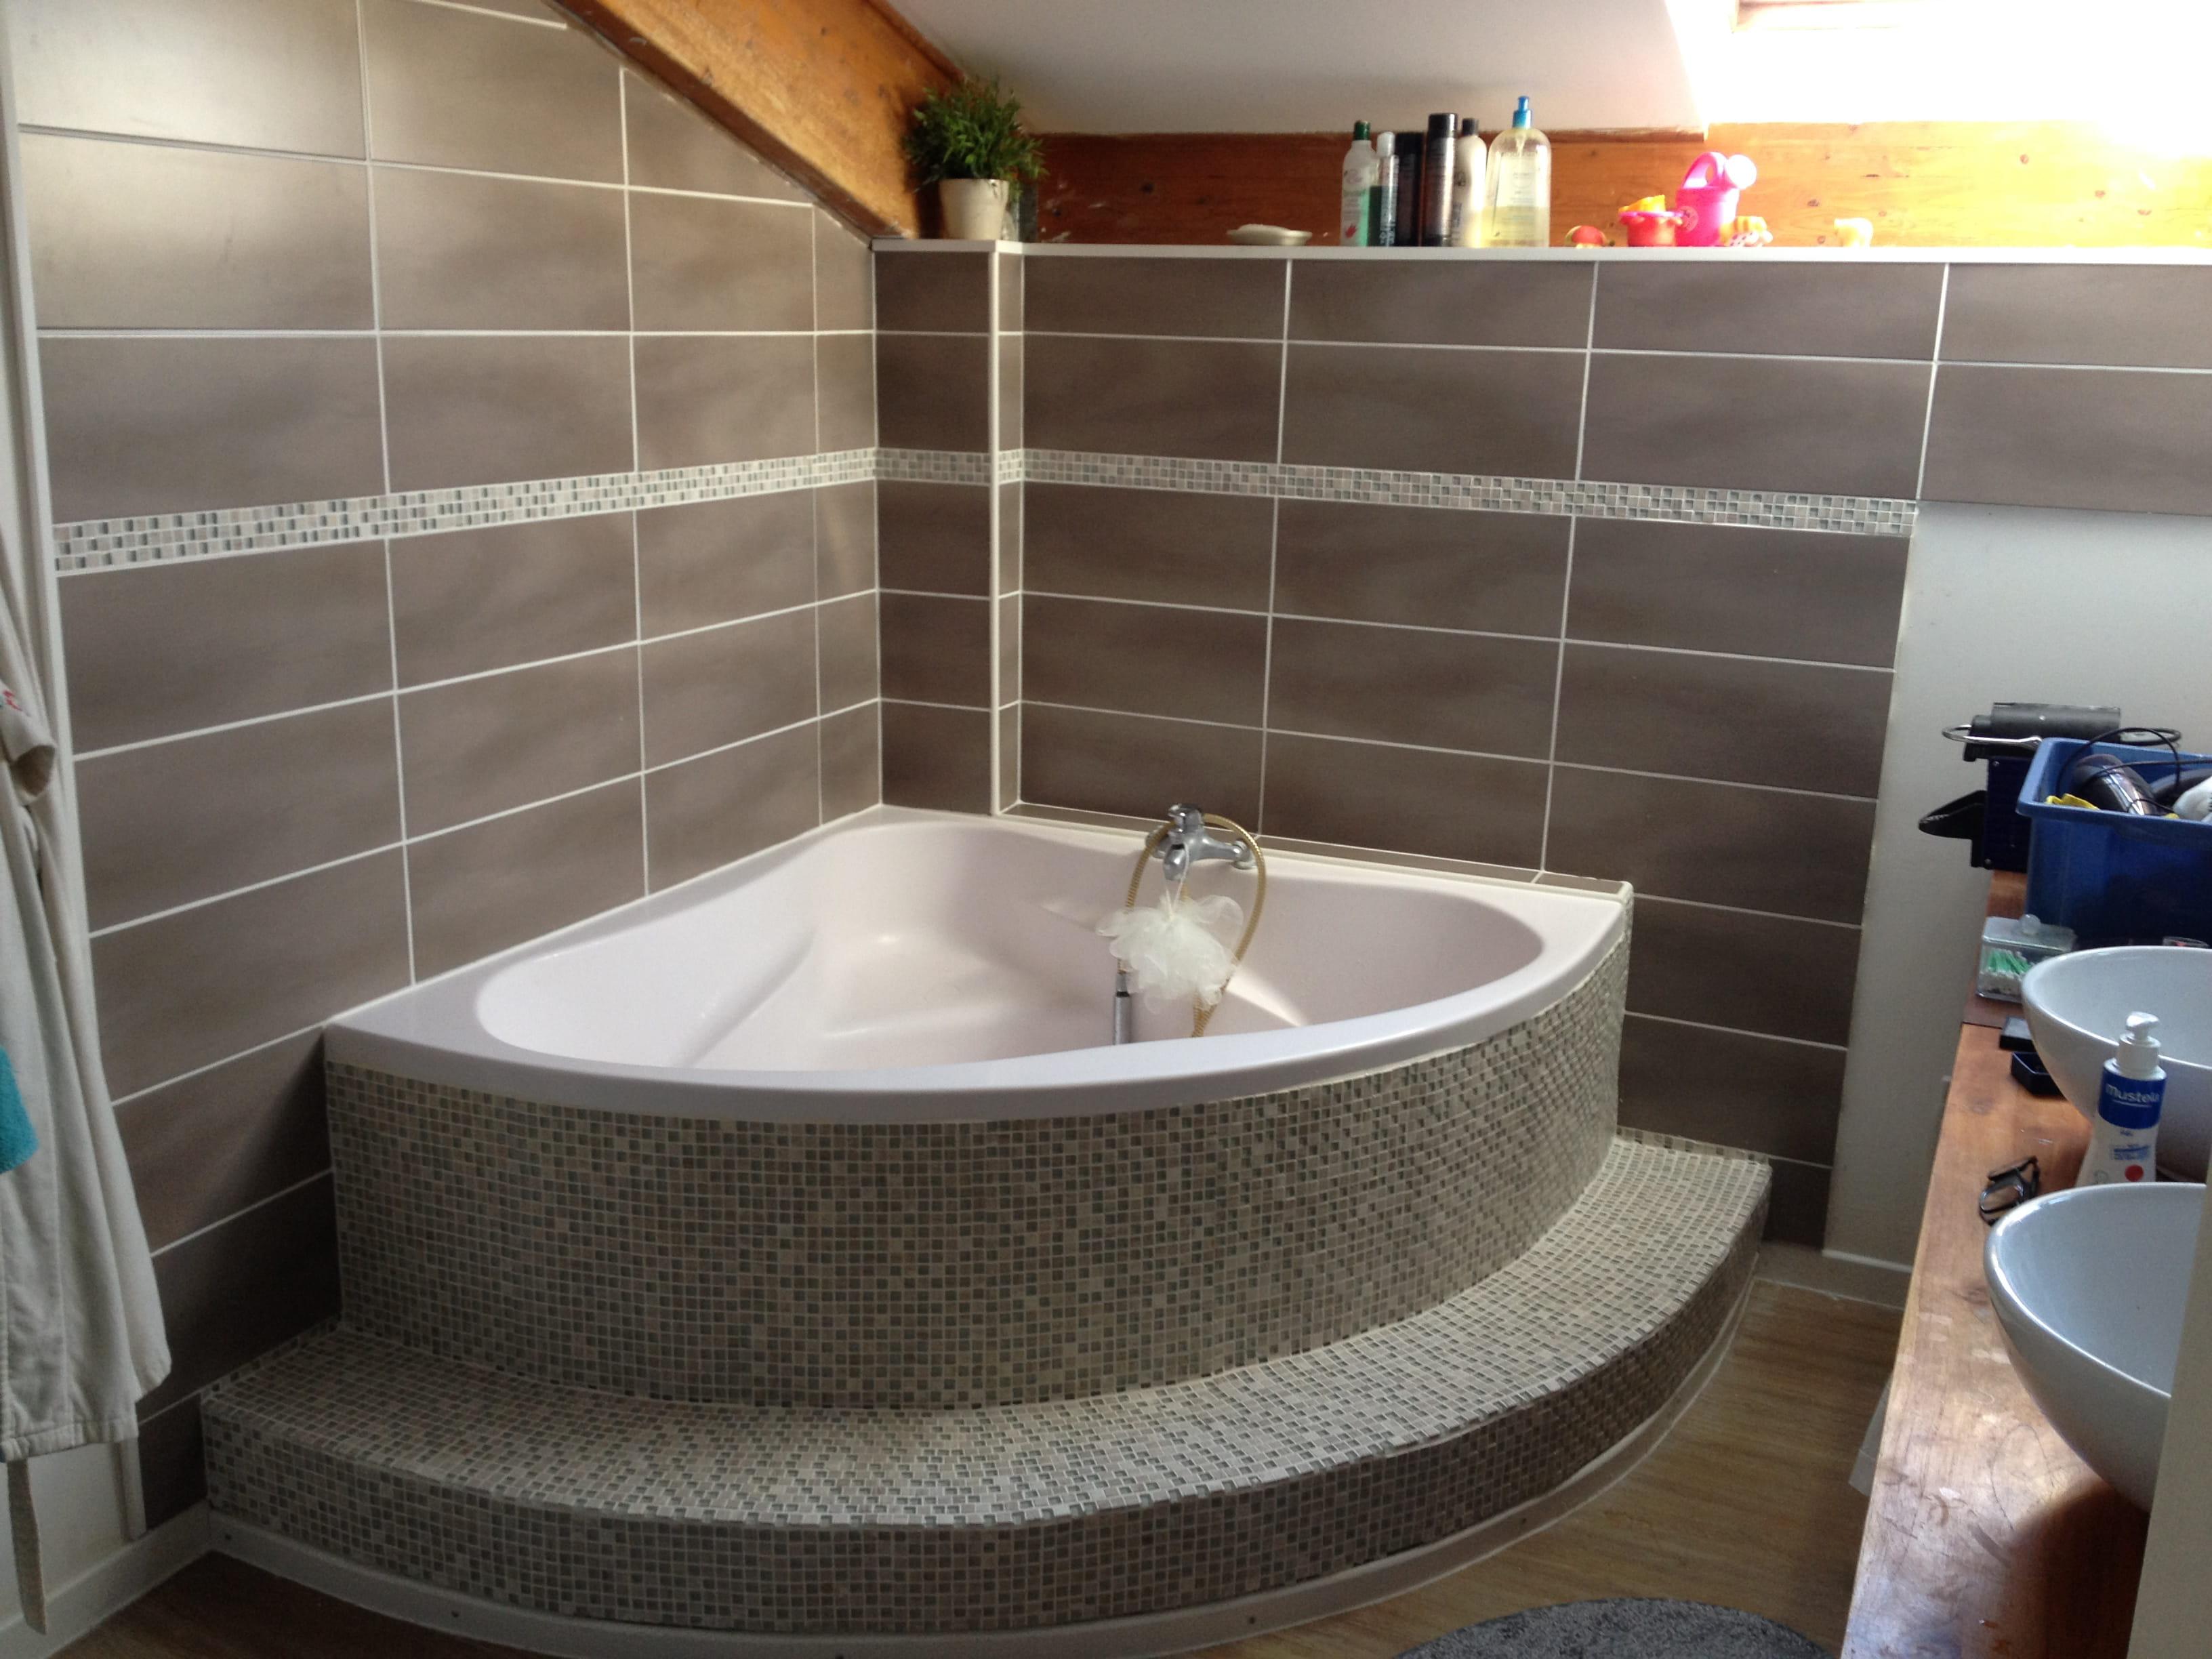 fixer tasseau sur un miroir pour pose carrelage r solu. Black Bedroom Furniture Sets. Home Design Ideas